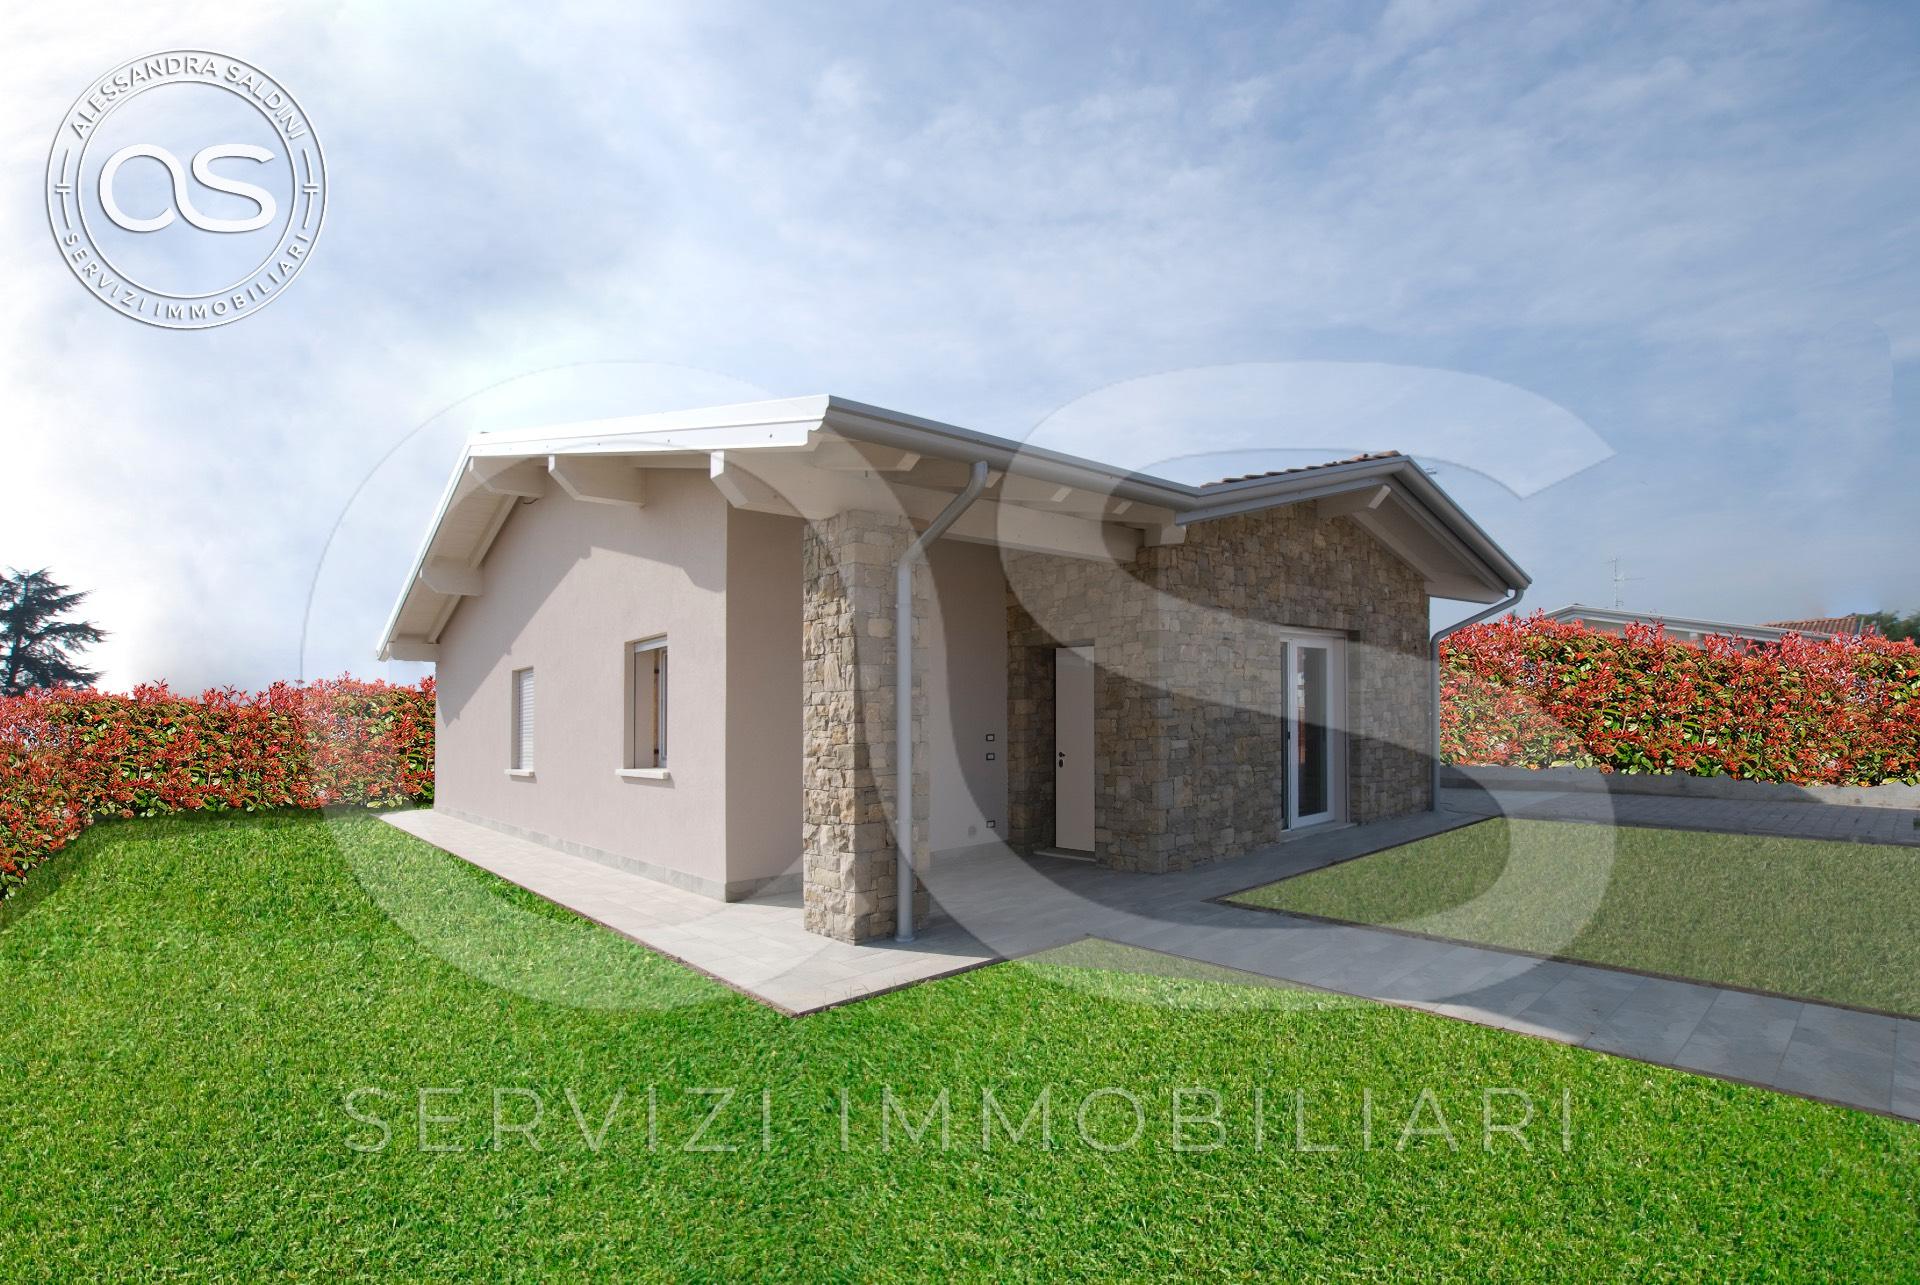 Villa in vendita a Manerbio, 4 locali, prezzo € 269.000 | CambioCasa.it